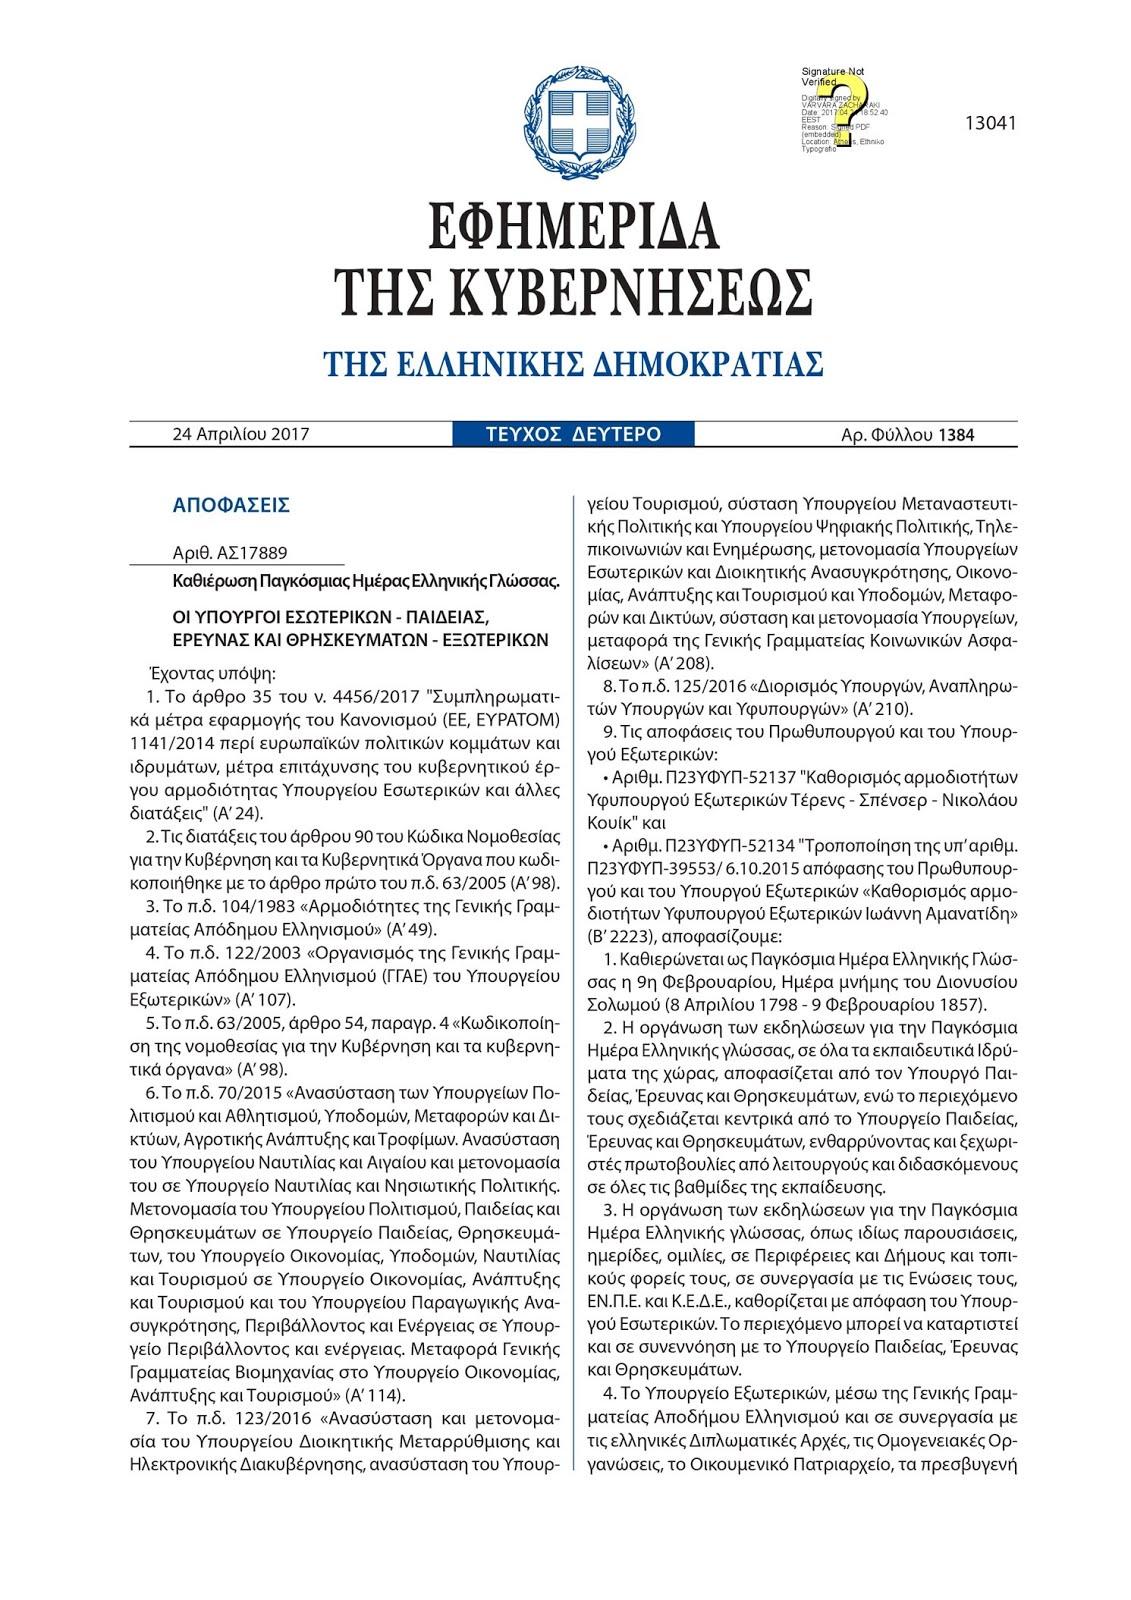 Il governo ellenico ha istituito la giornata mondiale della lingua greca